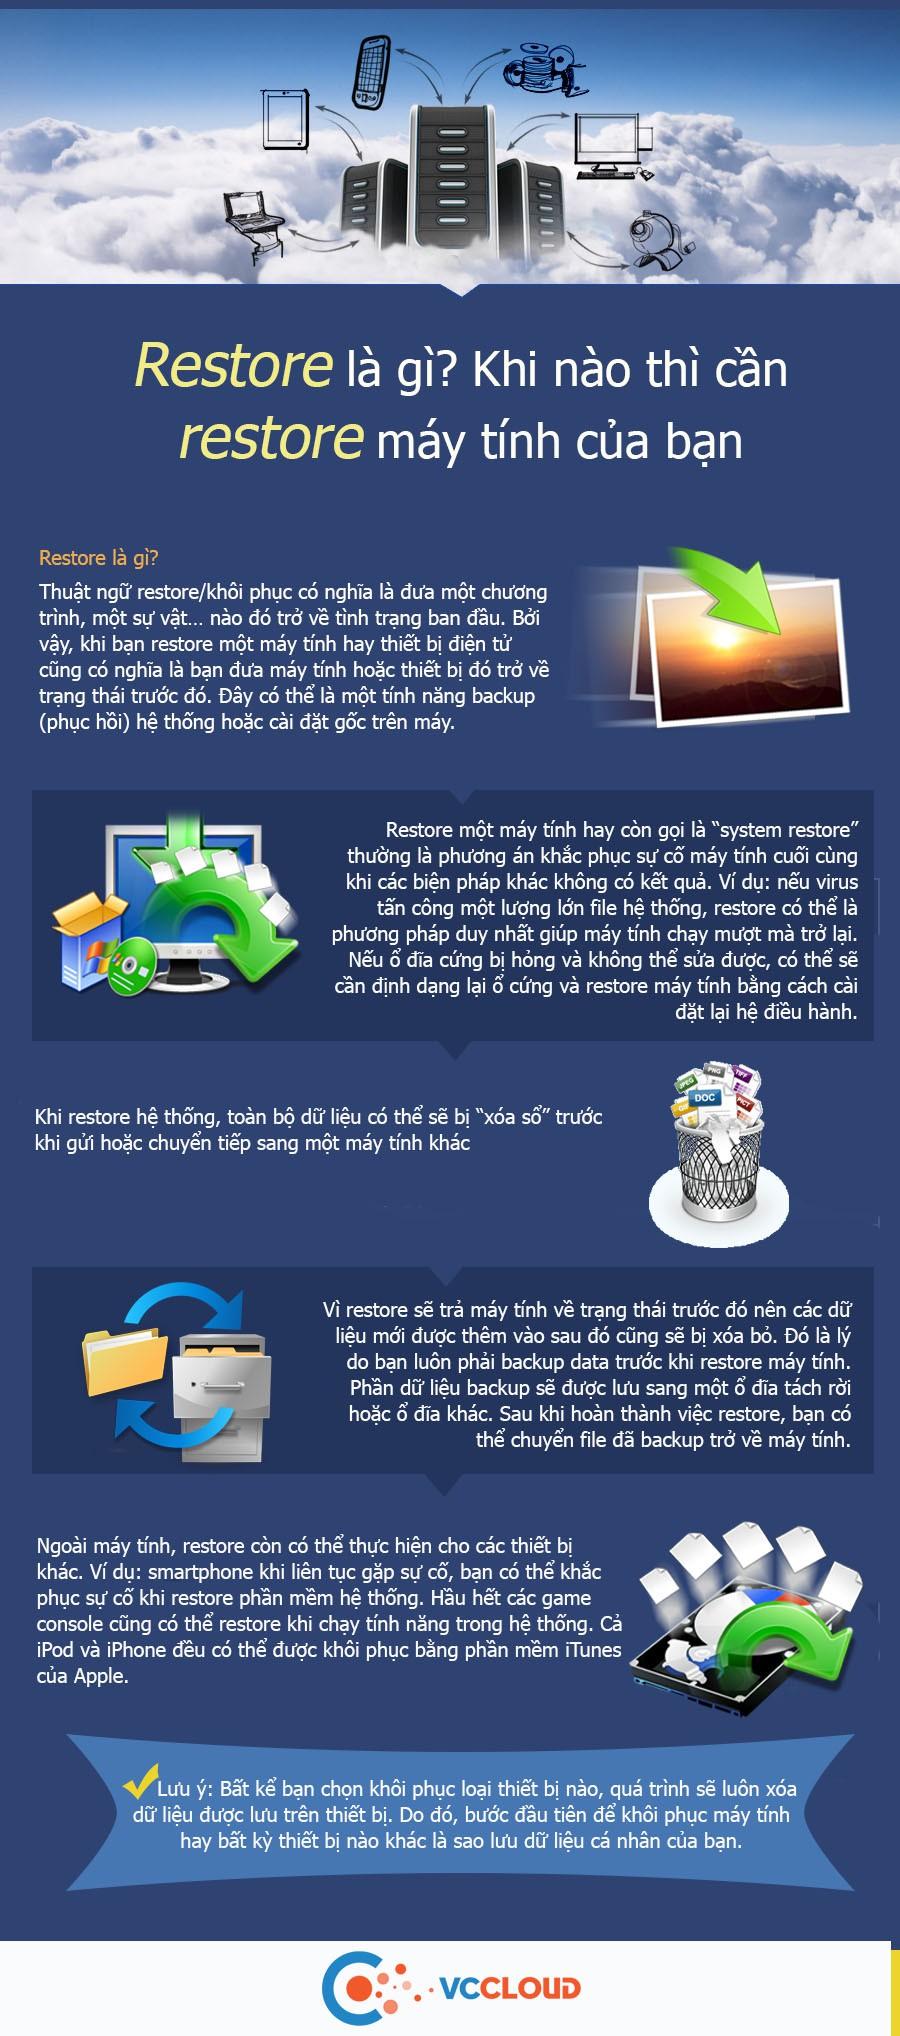 [Infographic] Restore là gì? Khi nào thì cần restore máy tính của bạn - Ảnh 1.